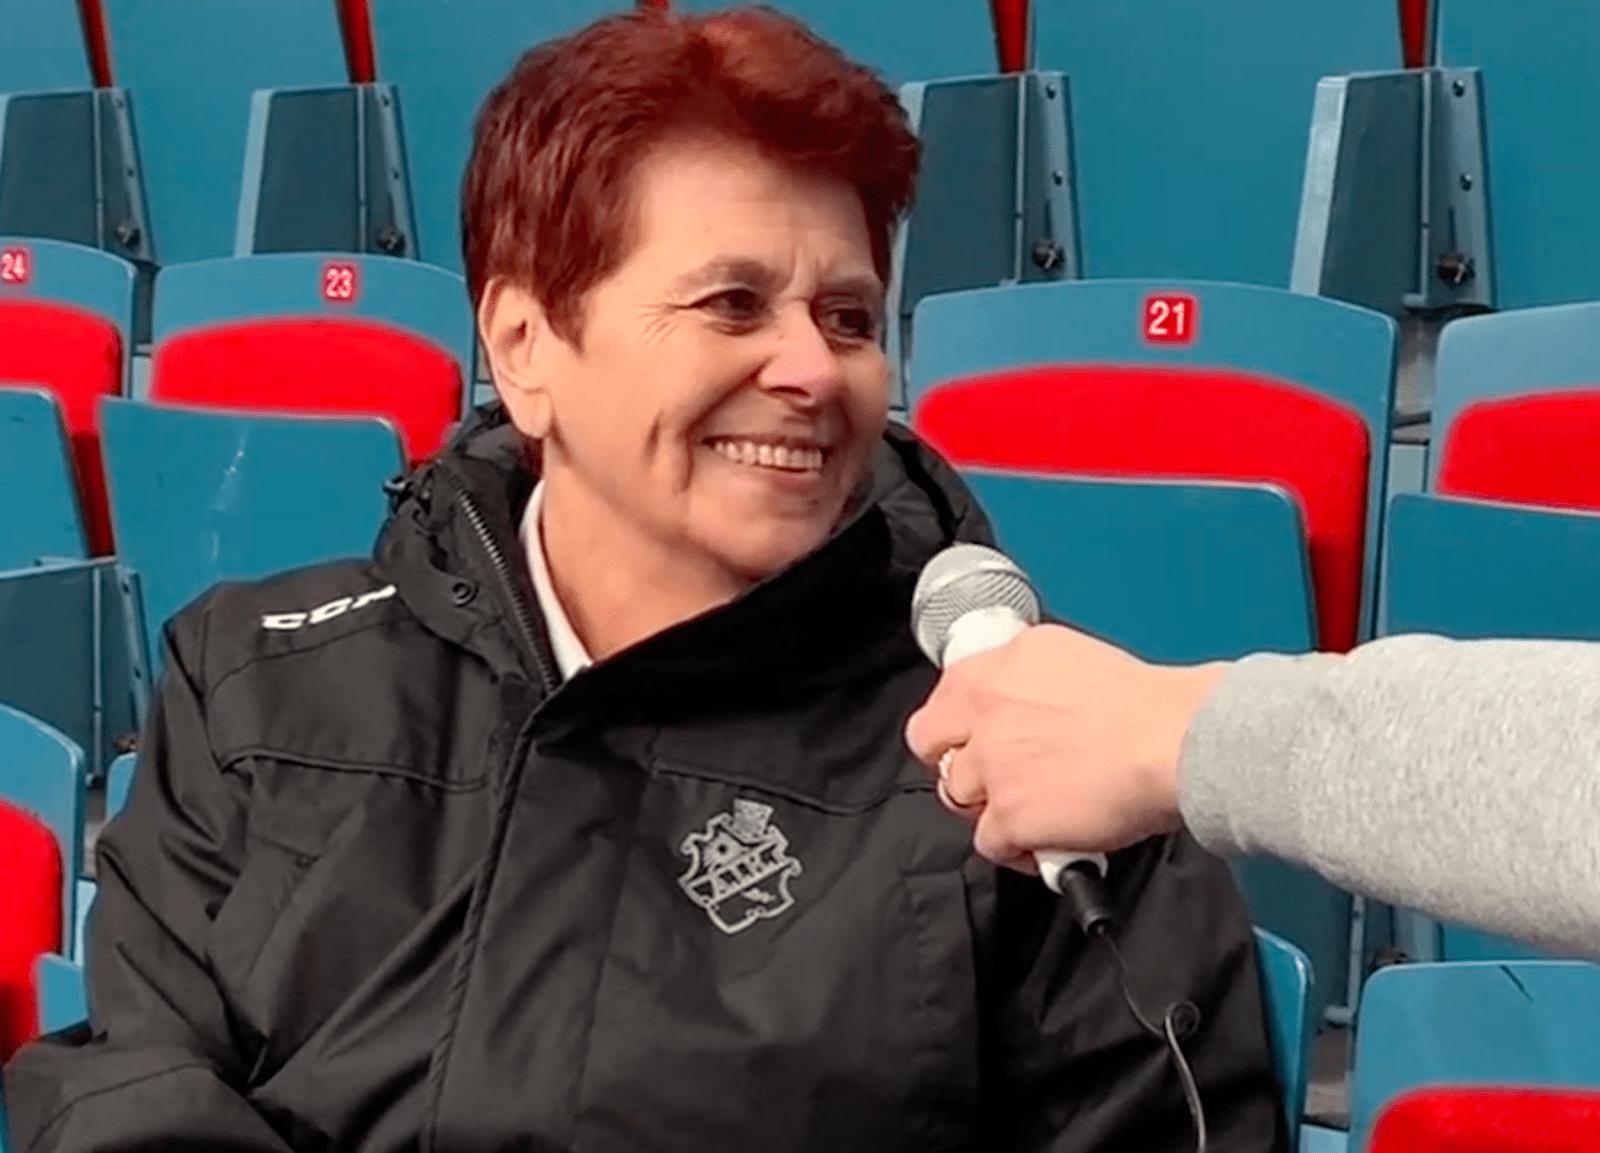 MÖTET: Kvinnan bakom den ikoniska speakerrösten på Hovet